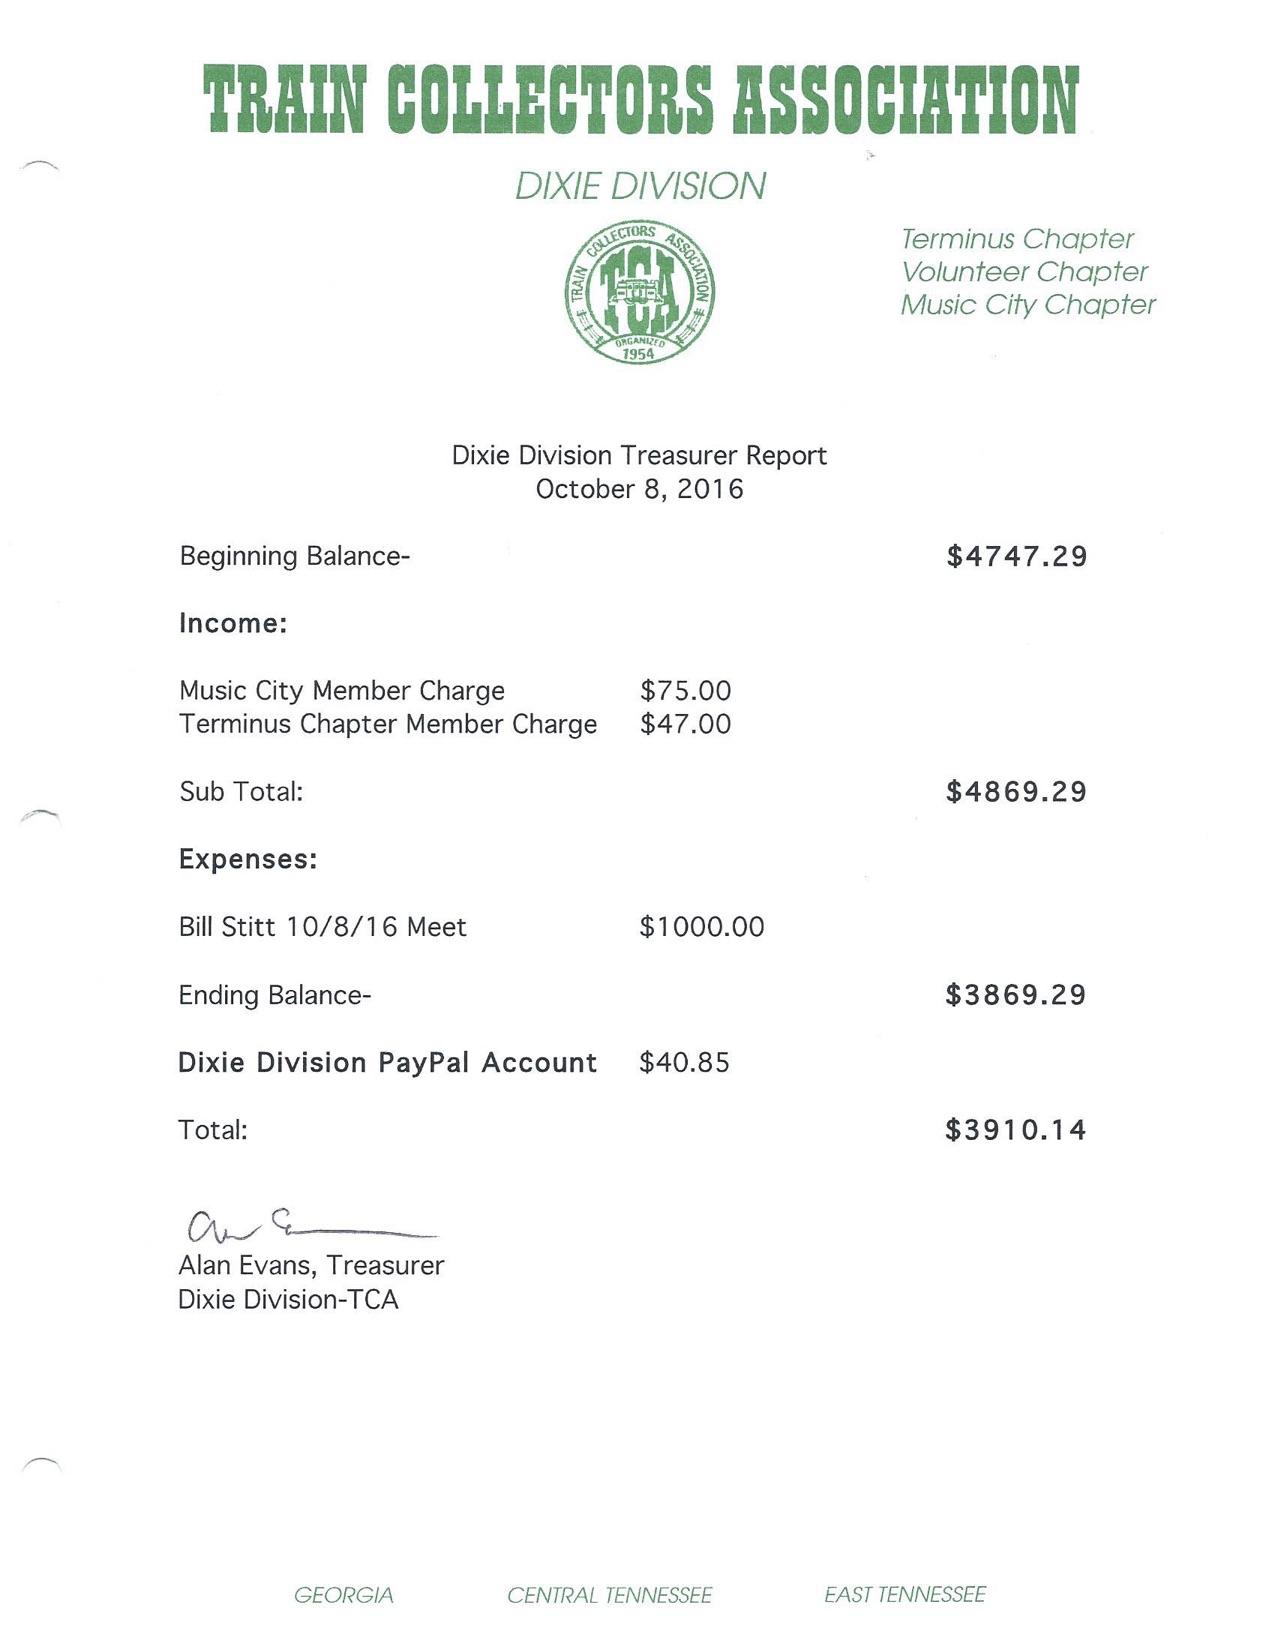 dixie-division-treasurer-report-10-8-16